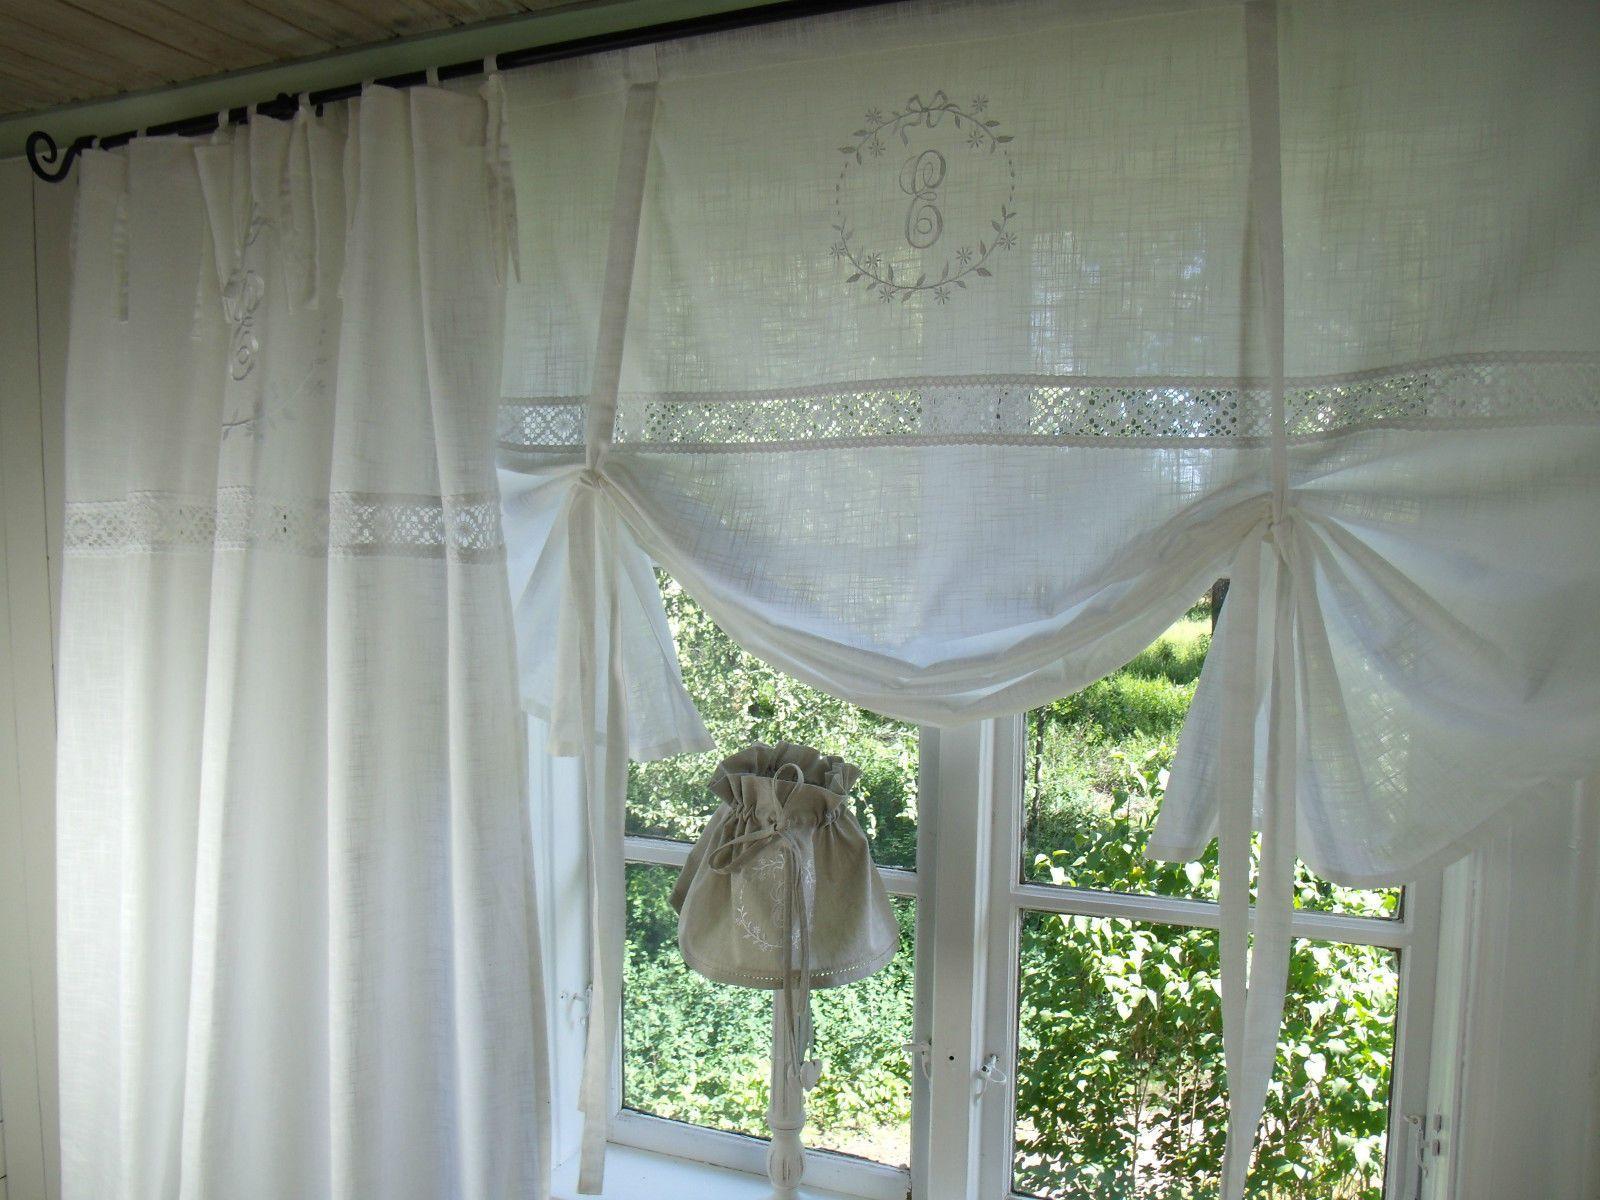 lillabelle crystal wei gardine vorhang monogramm shabby chic landhaus curtain ebay deko. Black Bedroom Furniture Sets. Home Design Ideas